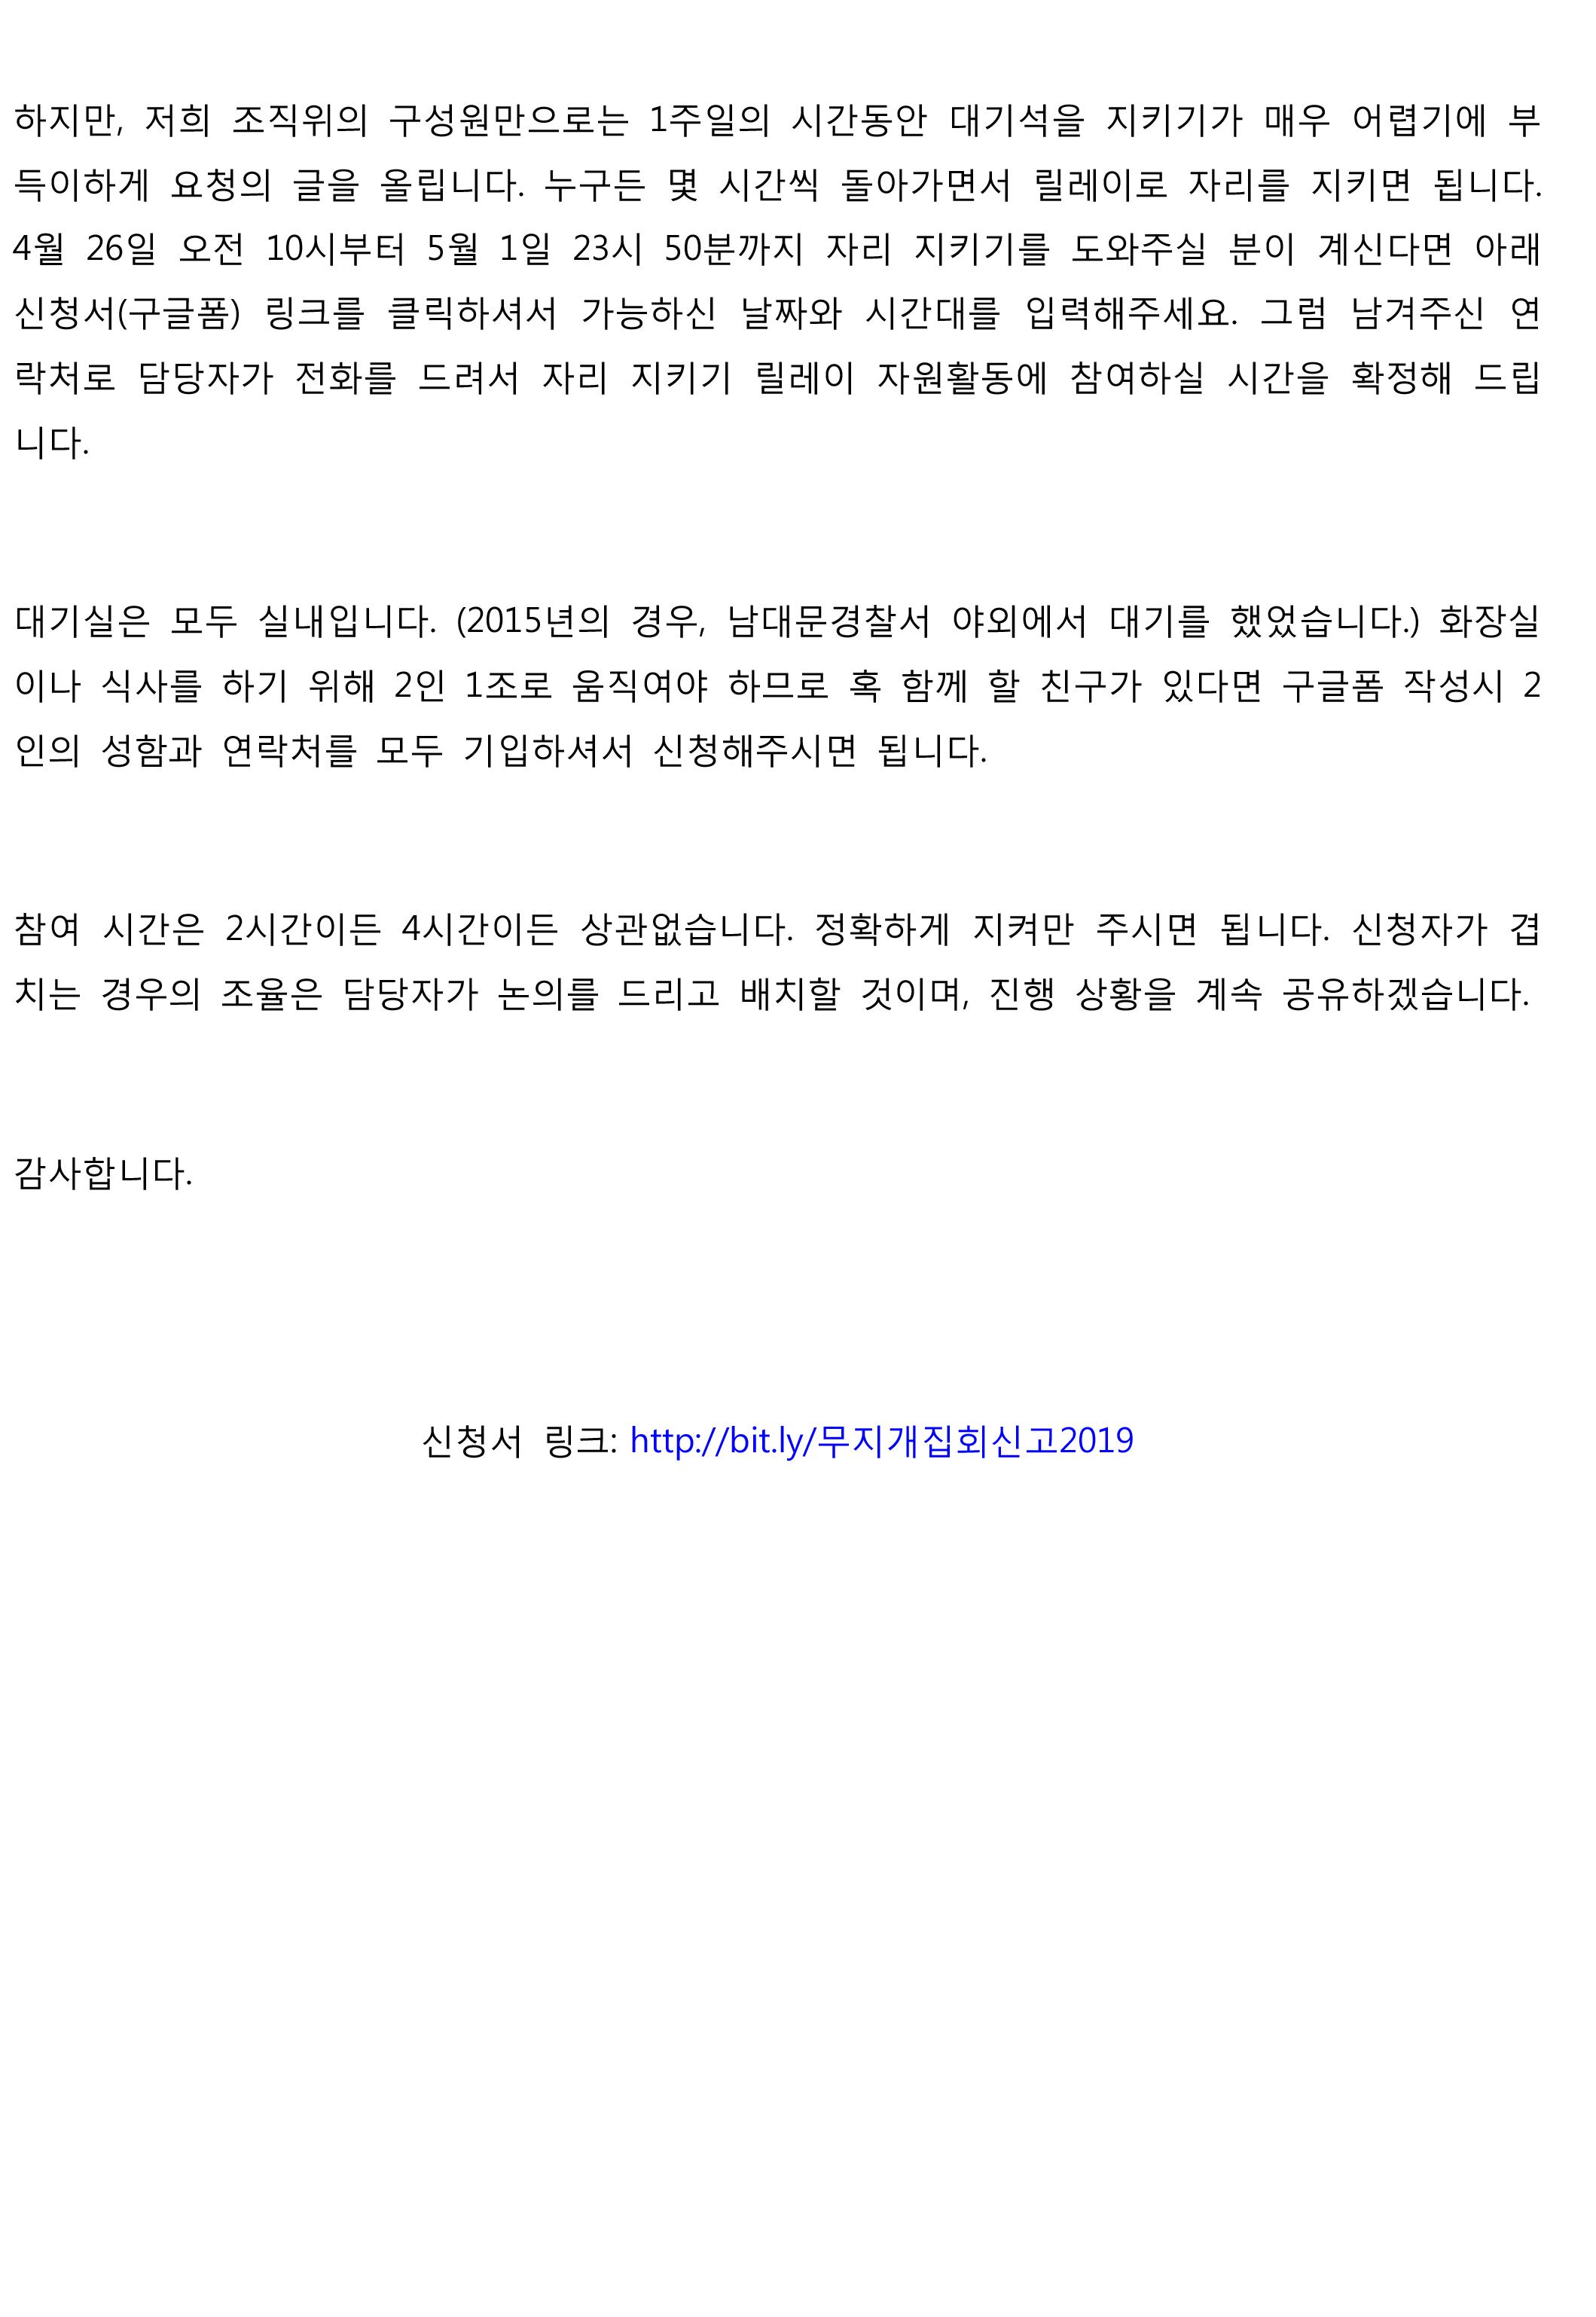 도움을요청합니다_서울퀴어문화축제조직위원회_2.jpg